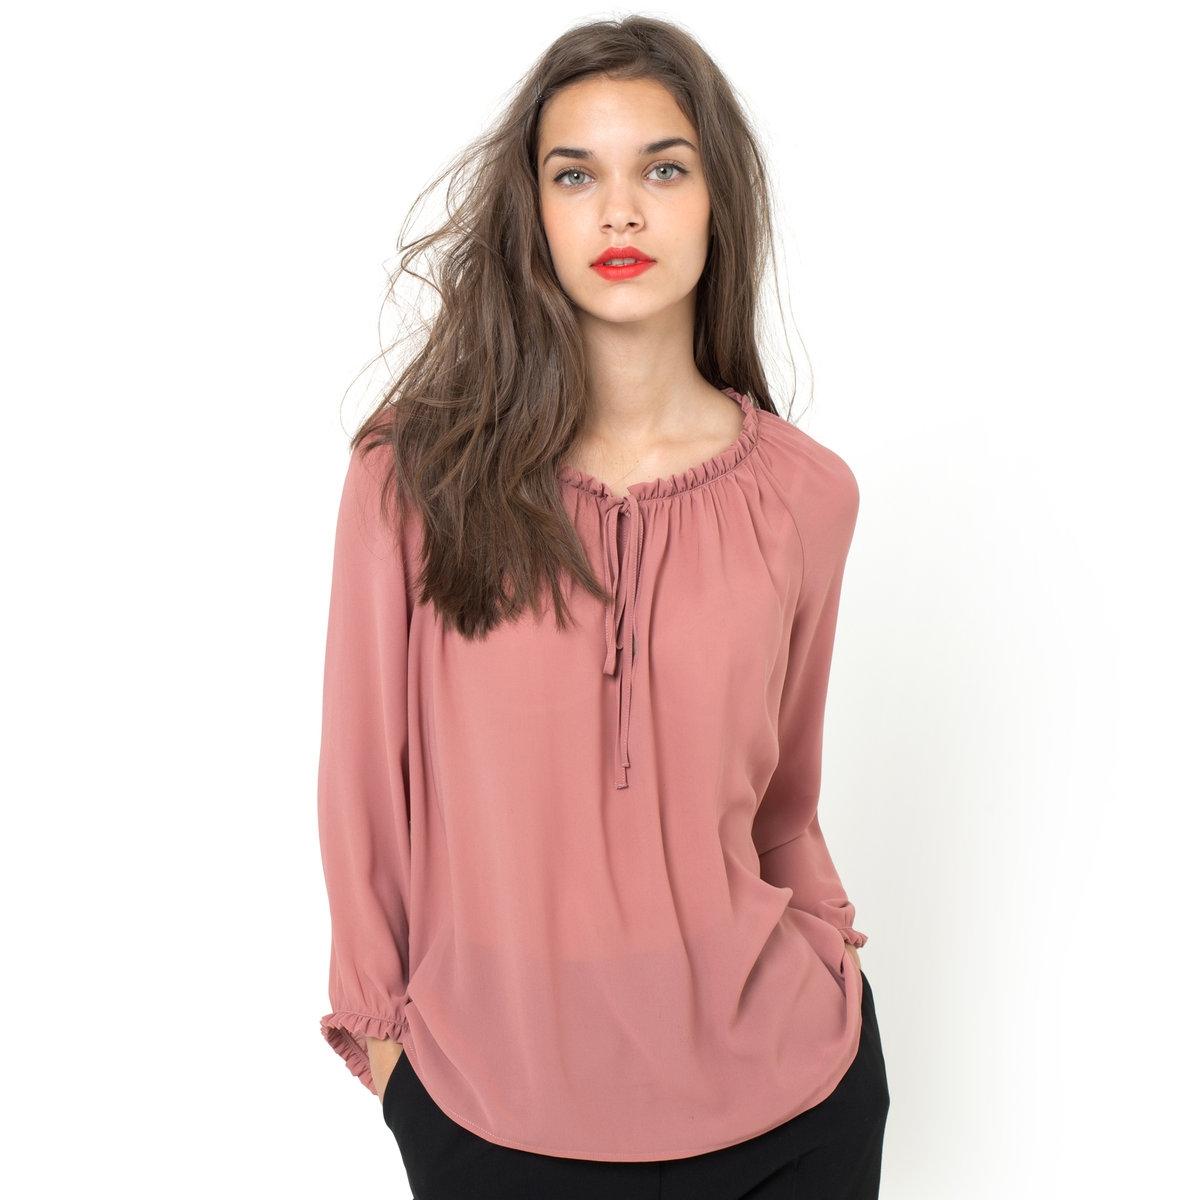 Блузка с рукавами 3/4Блузка из струящегося материала с рукавами 3/4, 100% полиэстера. Рукава собраны внизу и украшены мелкими воланами. Небольшие завязки на вырезе. Длина 58 см.<br><br>Цвет: розовый<br>Размер: 34 (FR) - 40 (RUS)